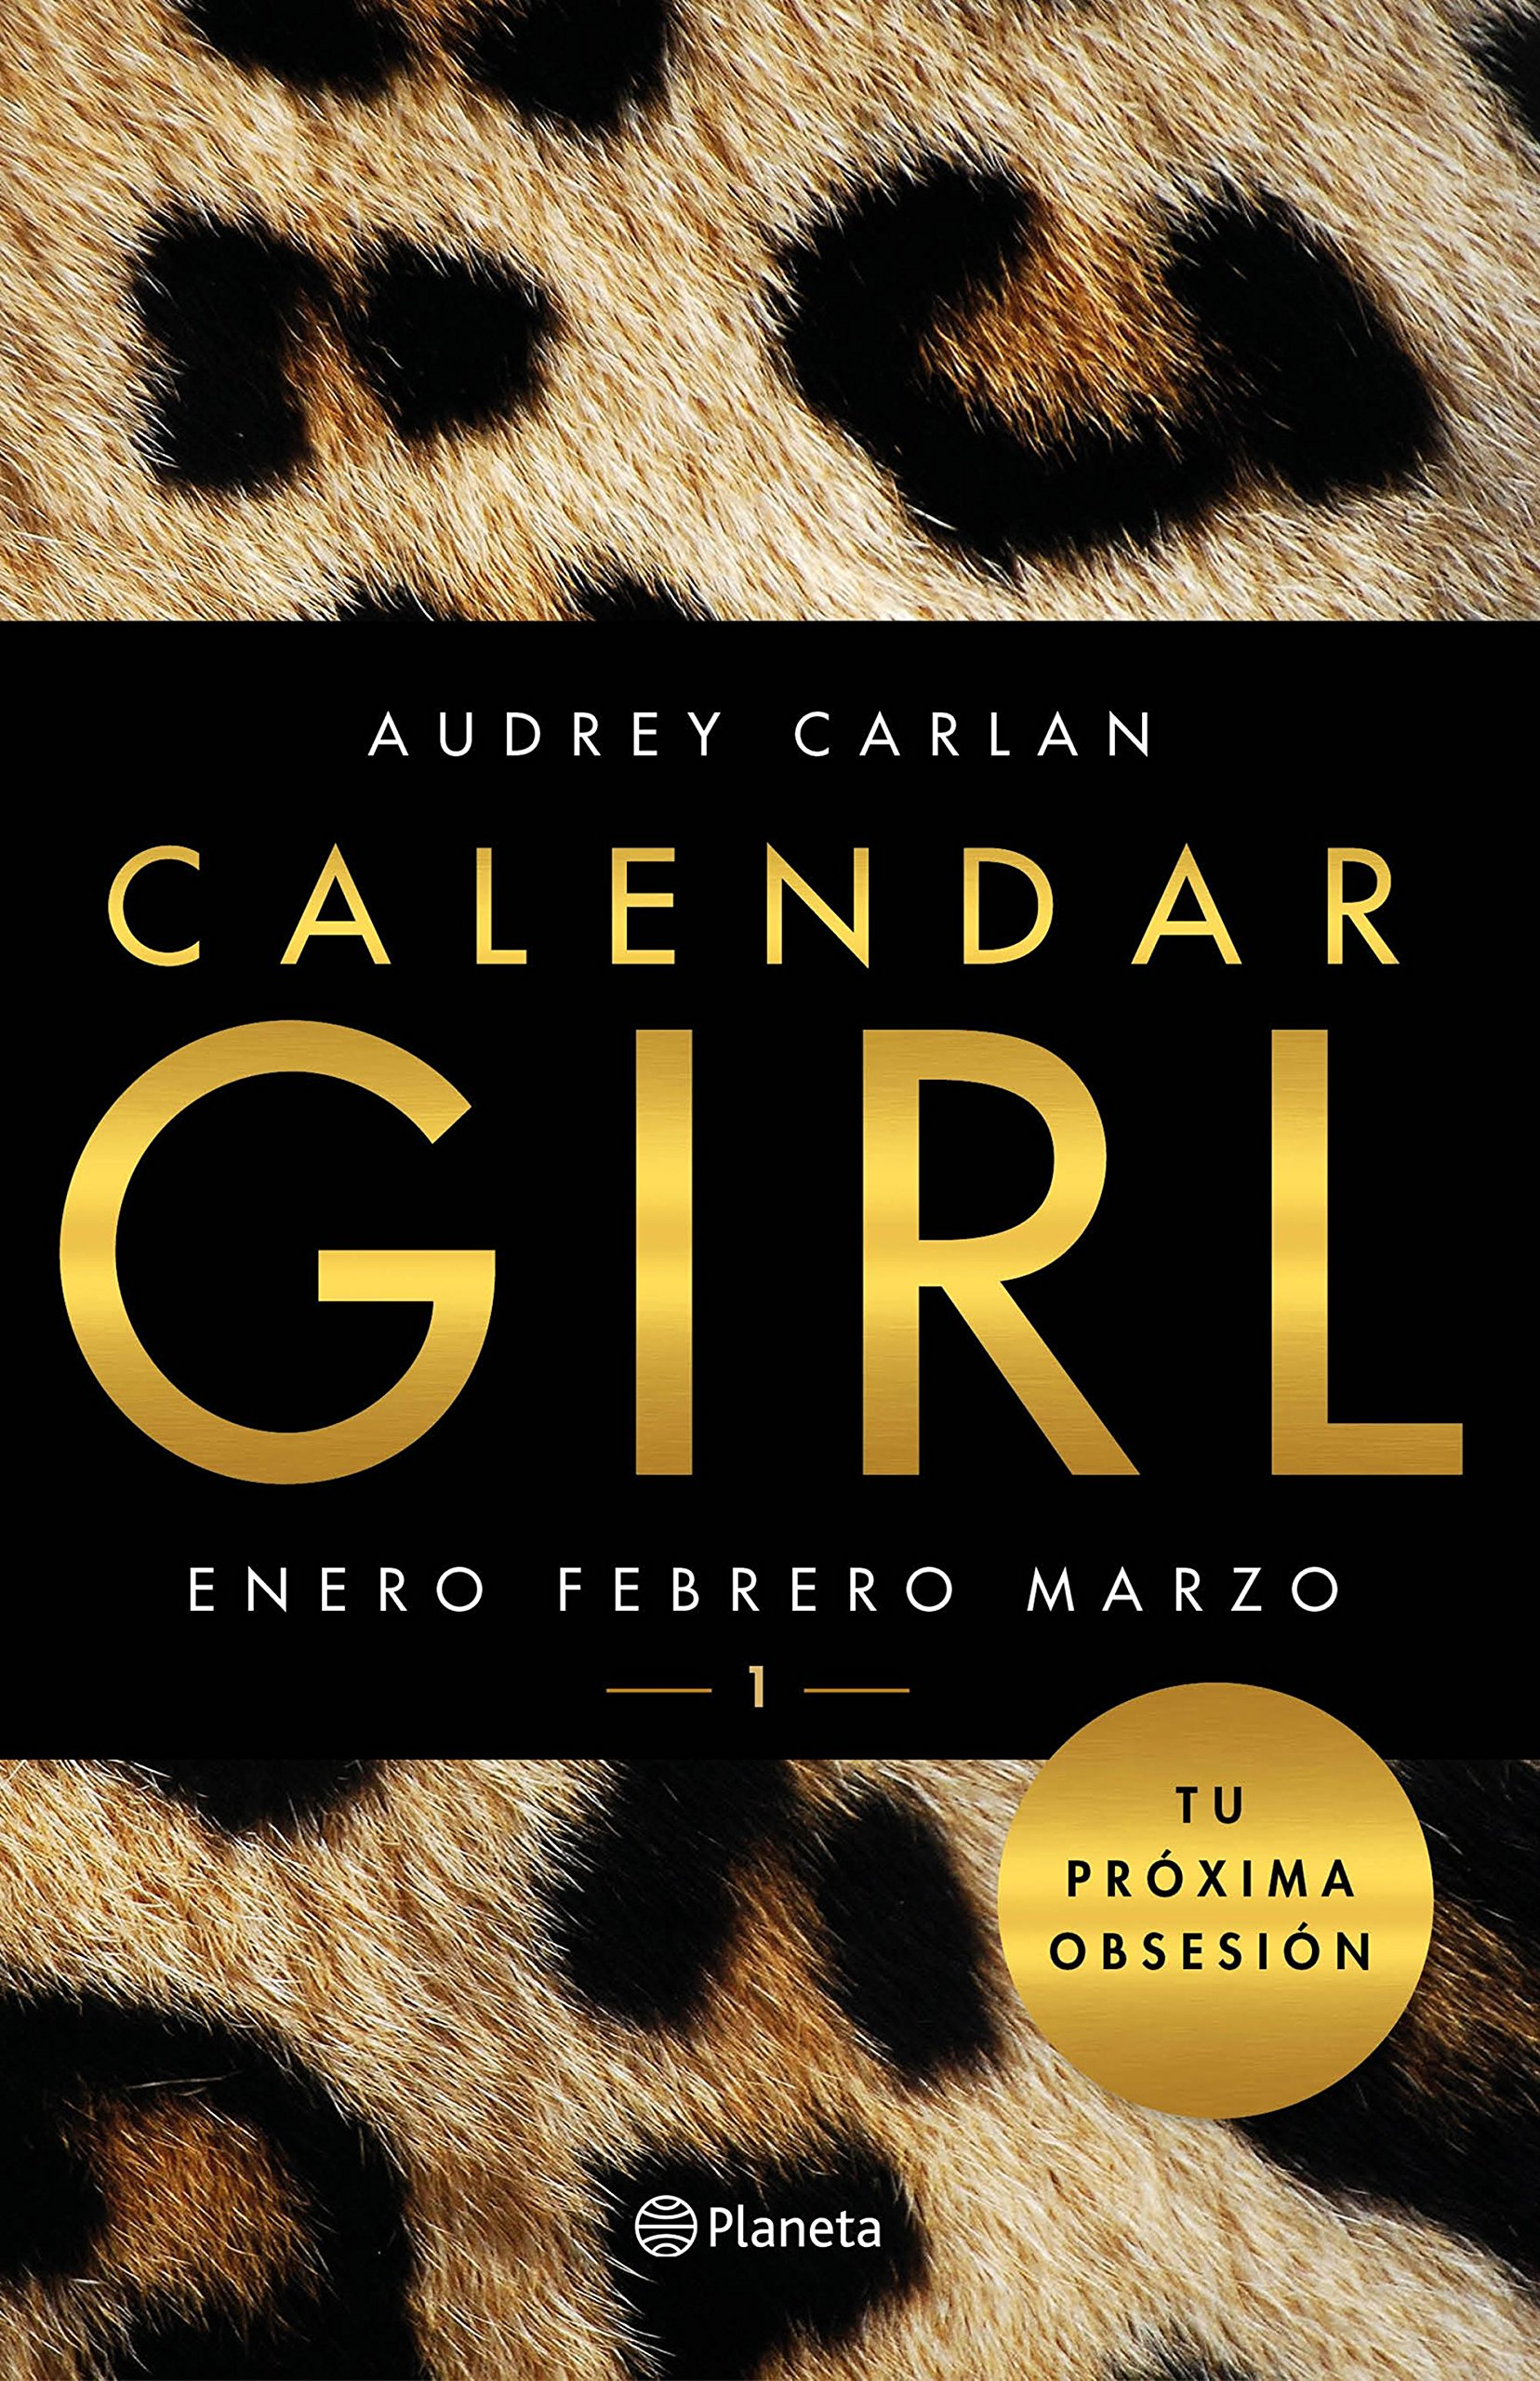 Calendar Girl 1 Enero Febrero Marzo Planeta Internacional Band